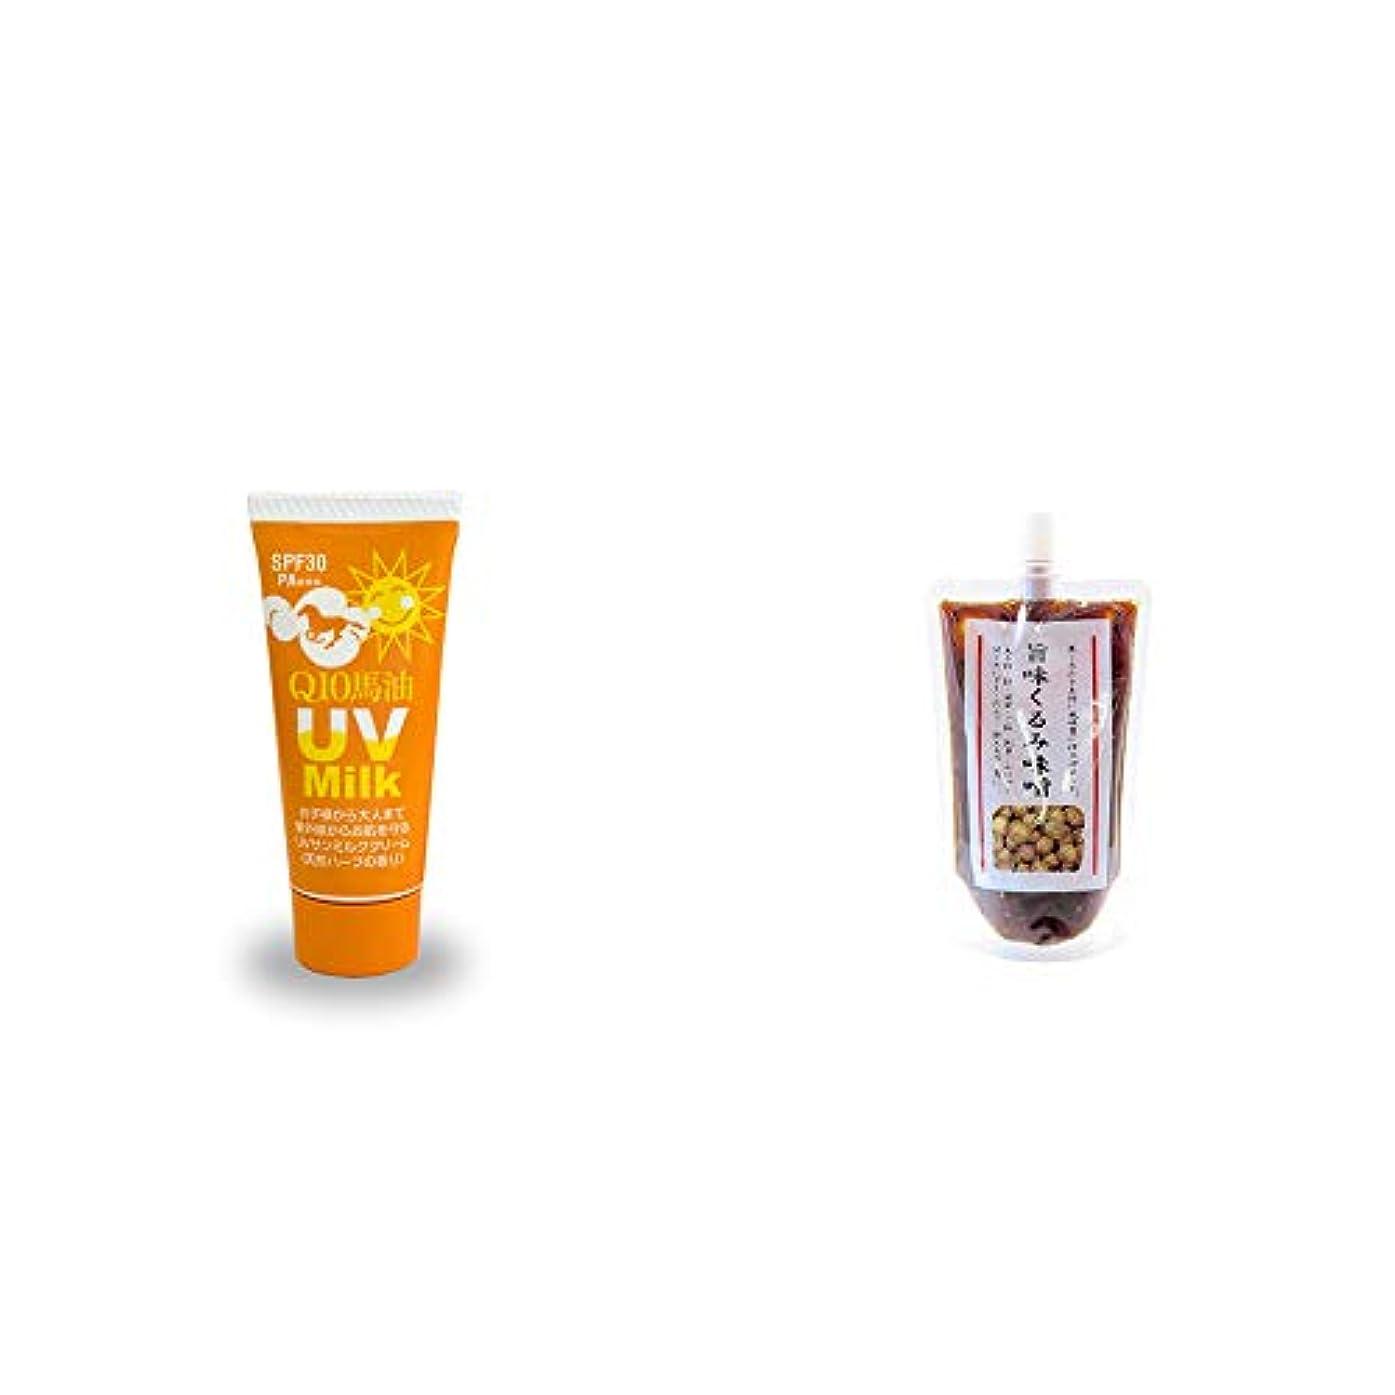 助言ヒロイン太平洋諸島[2点セット] 炭黒泉 Q10馬油 UVサンミルク[天然ハーブ](40g)?旨味くるみ味噌(260g)